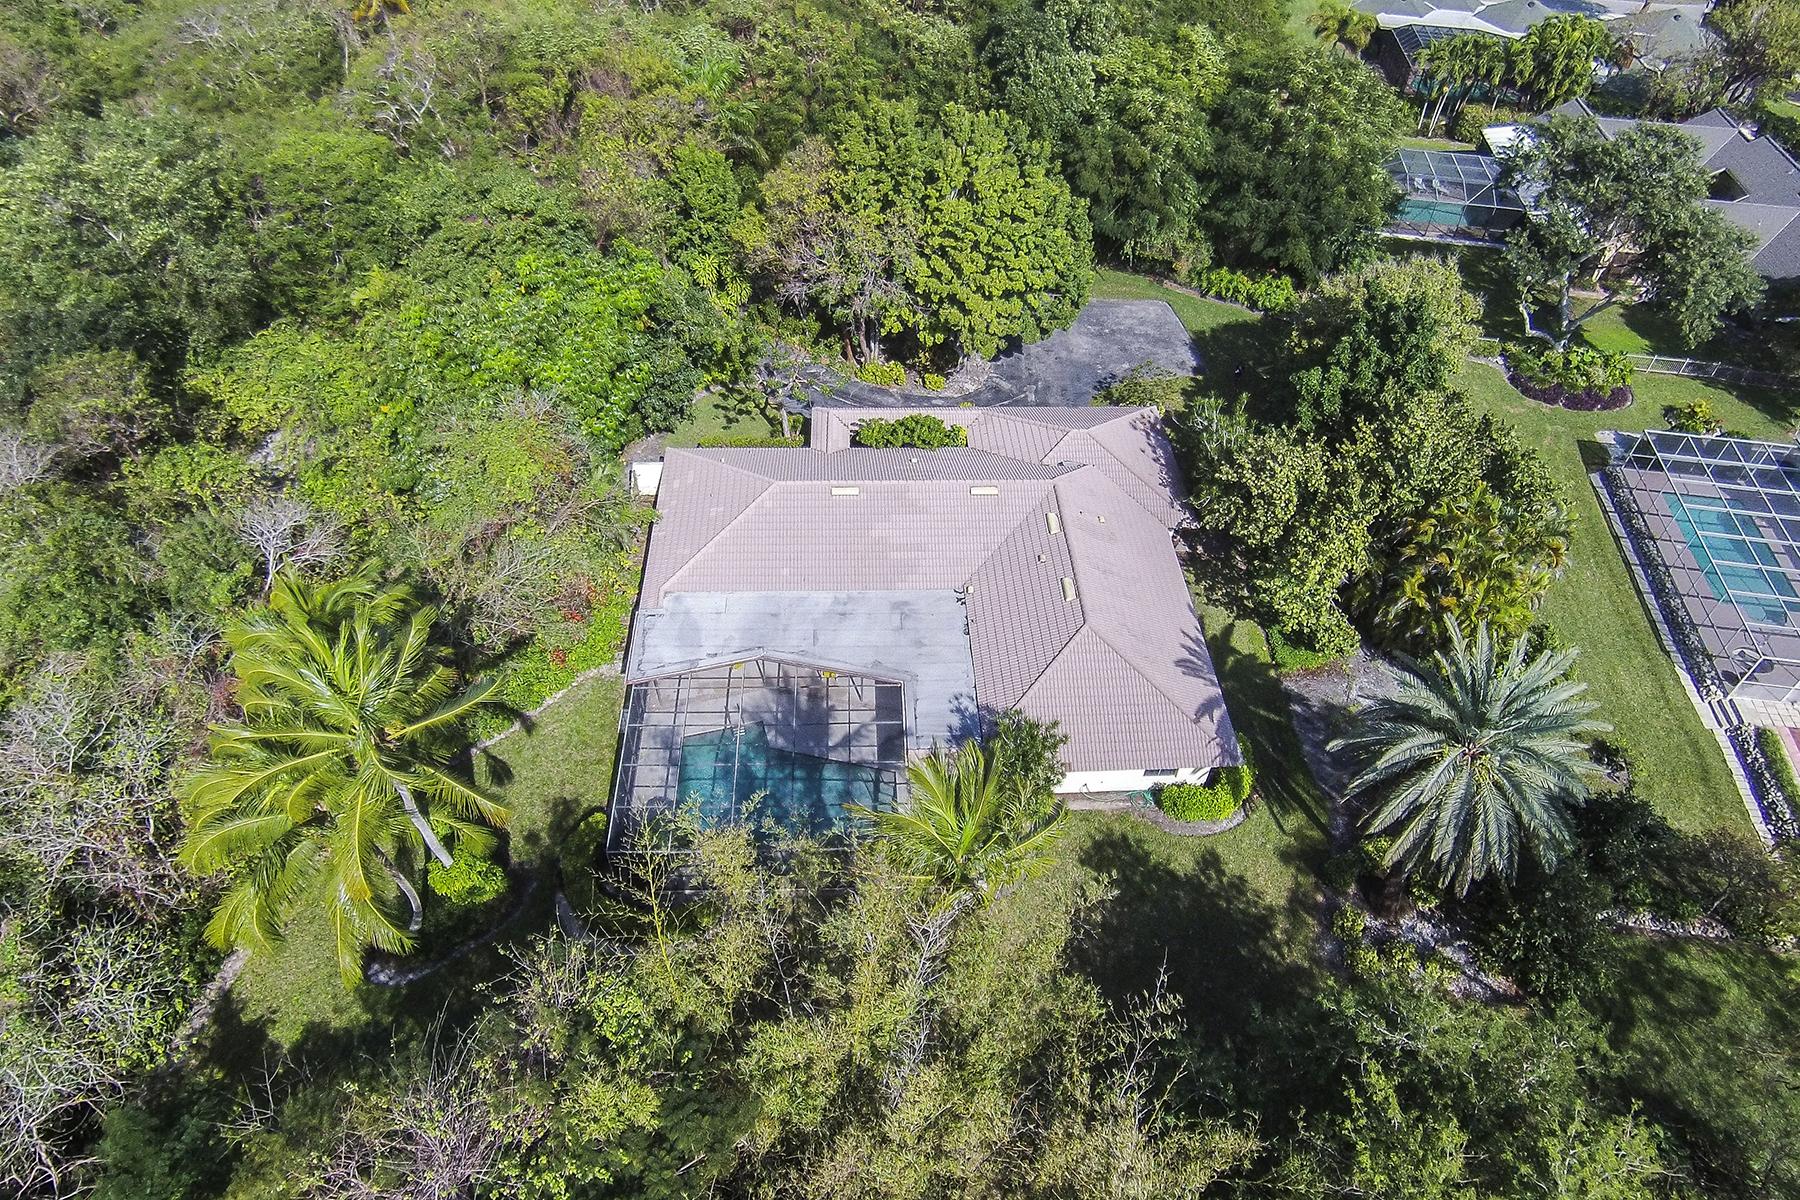 Tek Ailelik Ev için Satış at MARCO ISLAND 1823 Osceola Ct Marco Island, Florida, 34145 Amerika Birleşik Devletleri